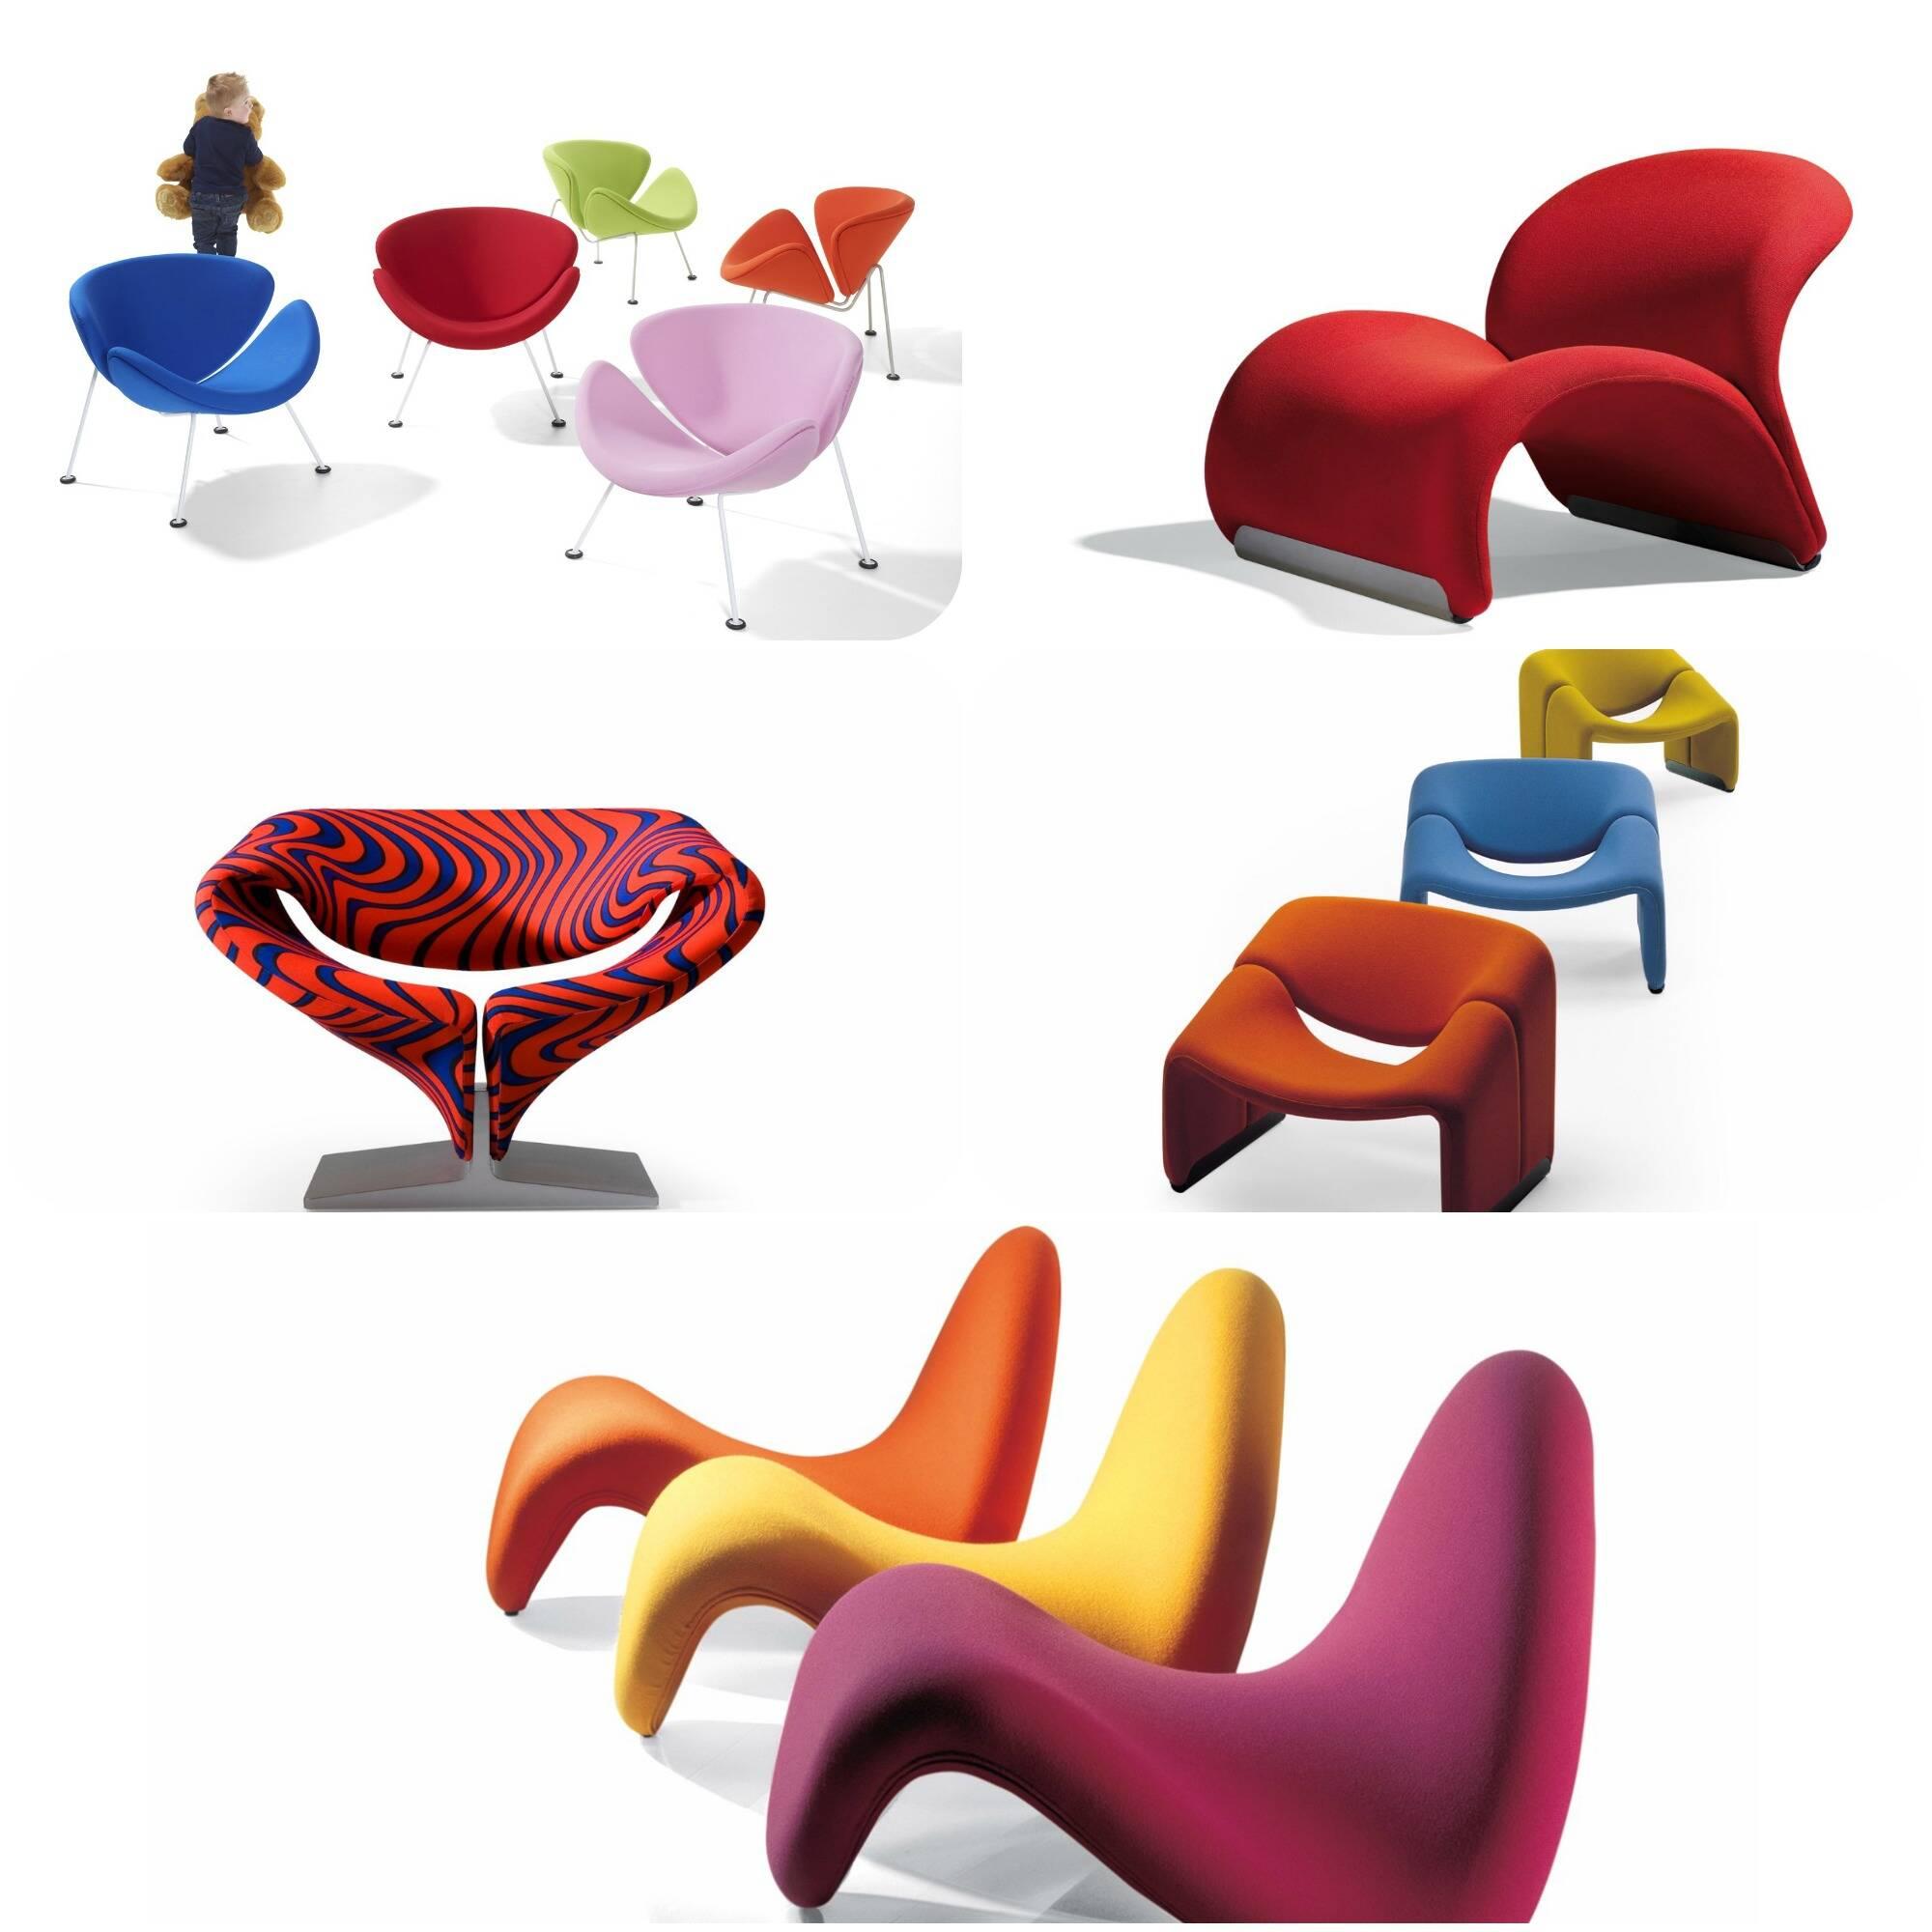 Pierre Paulin foi homenageado com uma exposição sobre o design francês, no Centre Georges Pompidou, em Paris